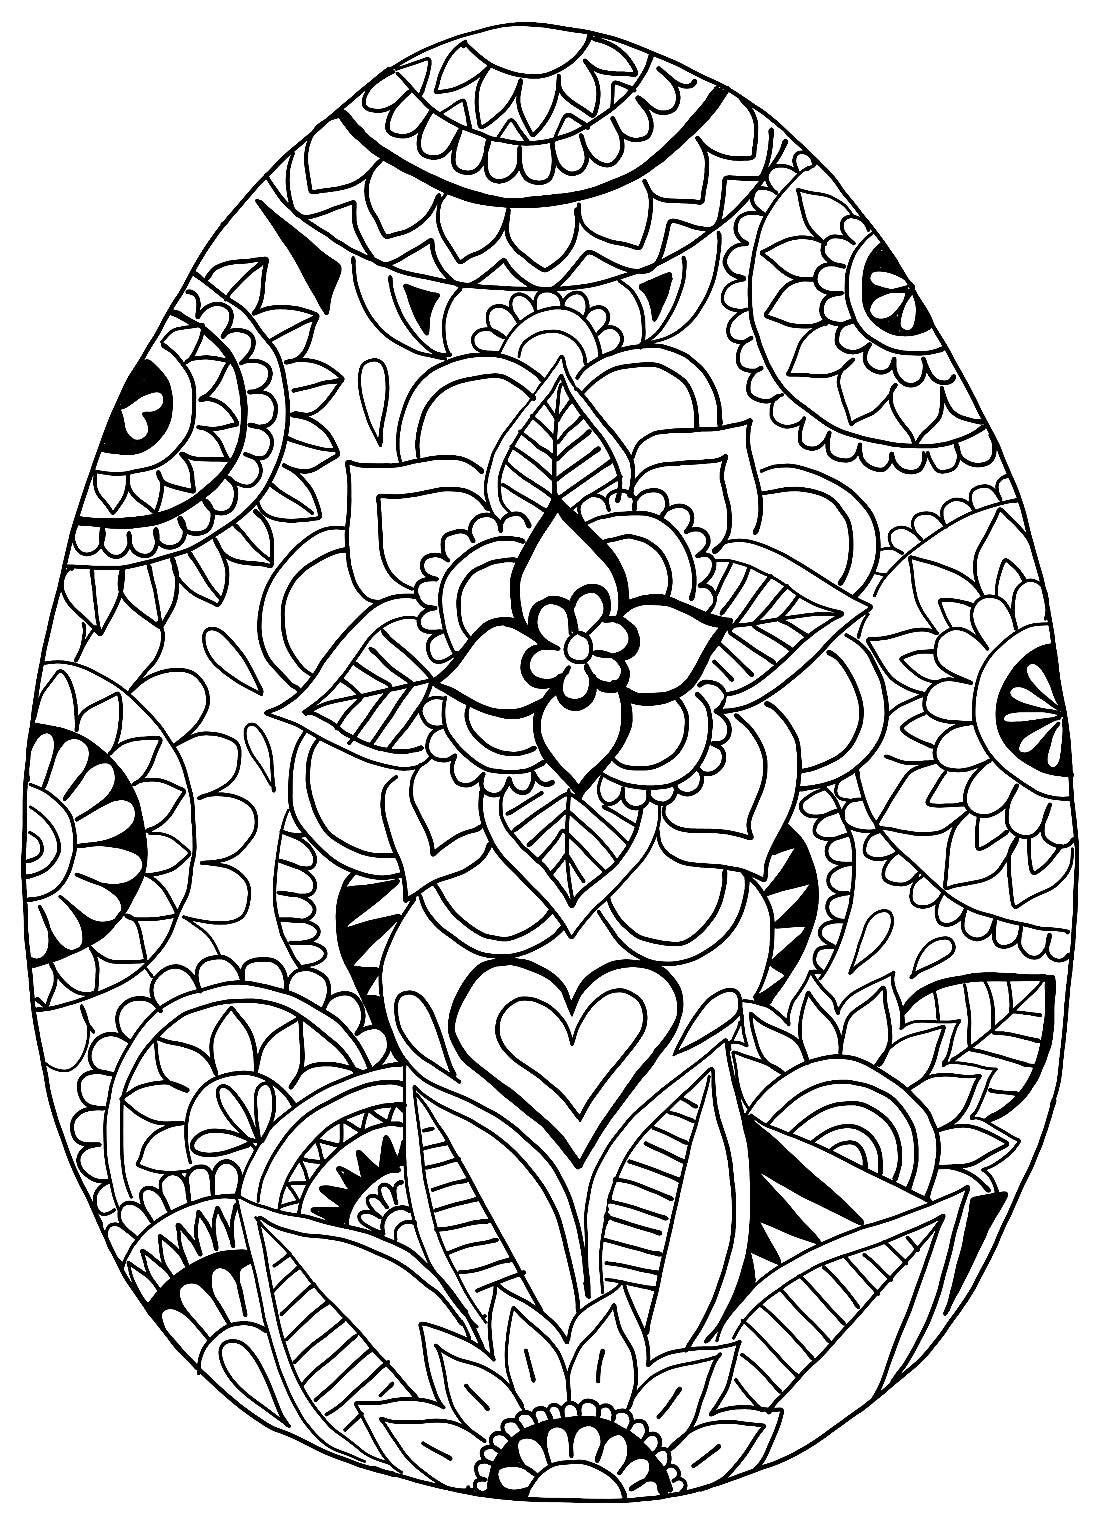 Desenho para colorir de Ovo de Páscoa